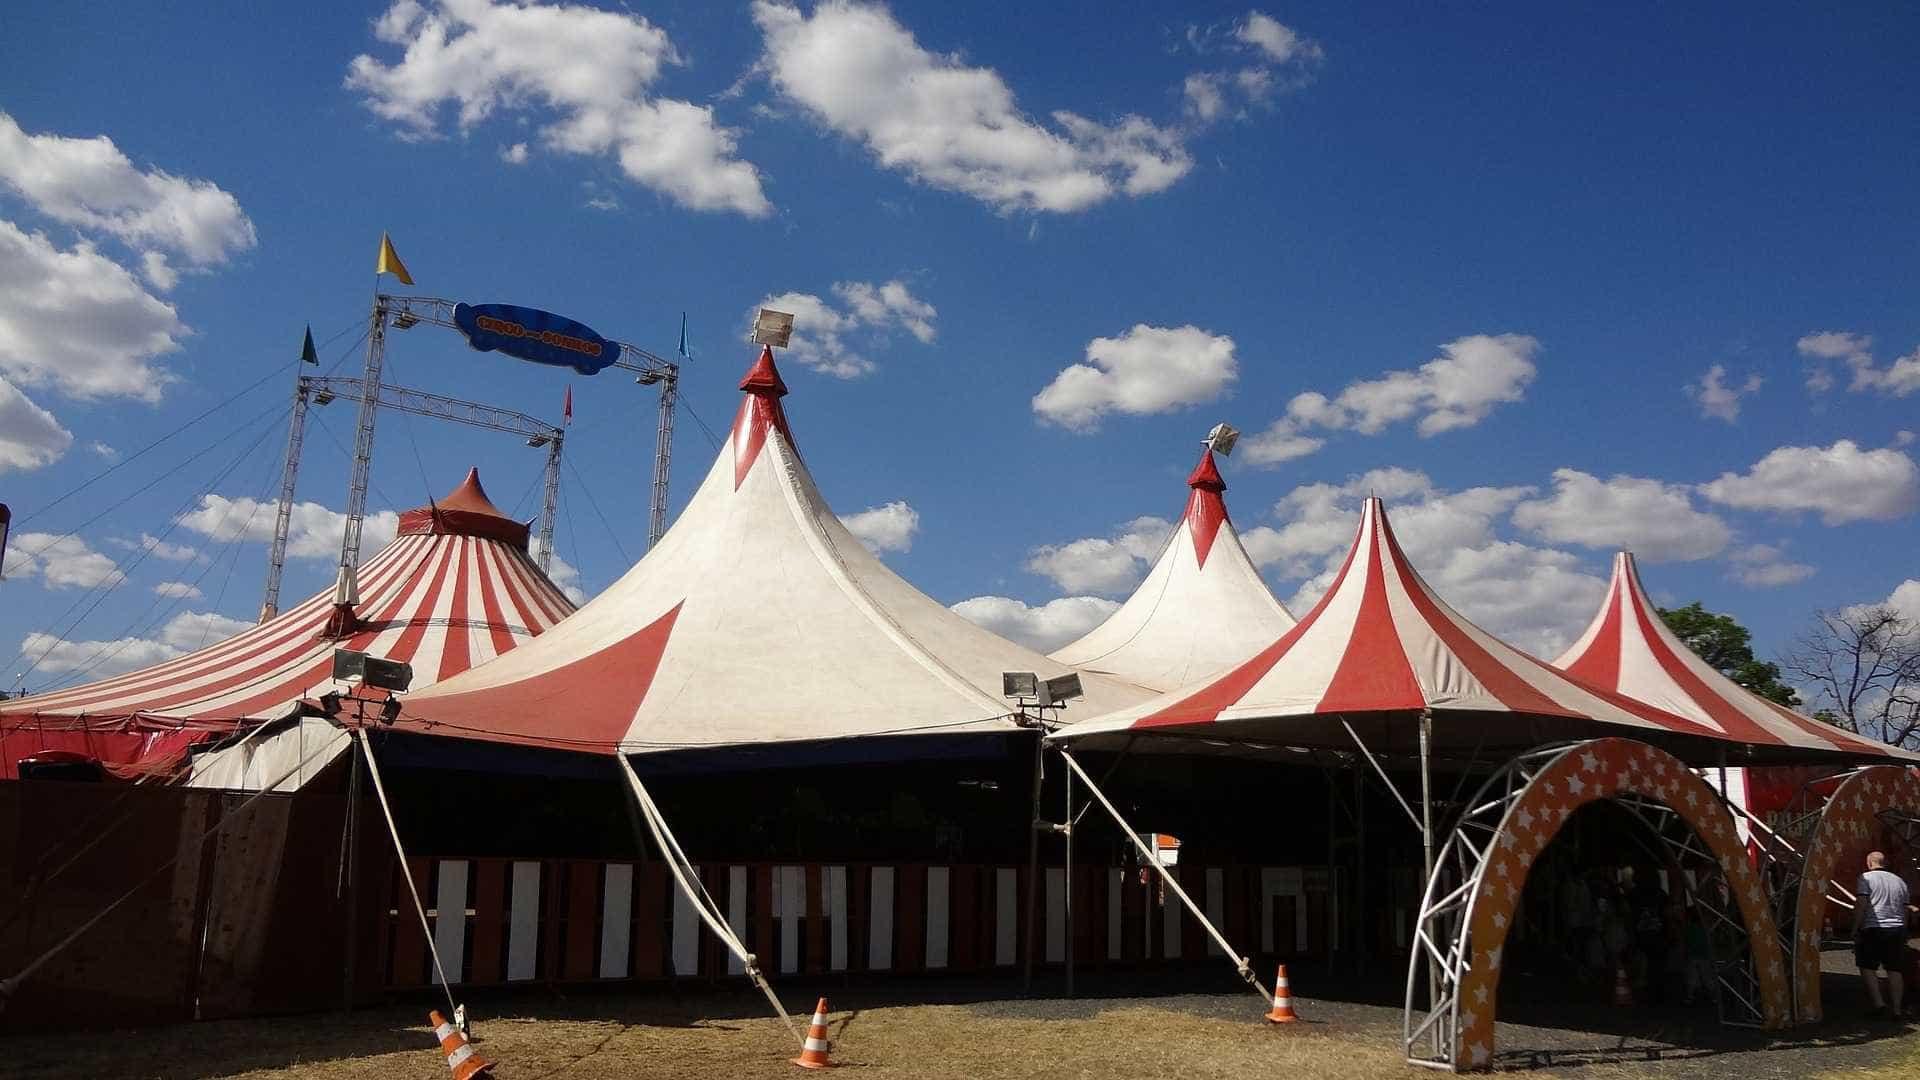 Morre trapezista que caiu durante espetáculo de circo em Cuiabá